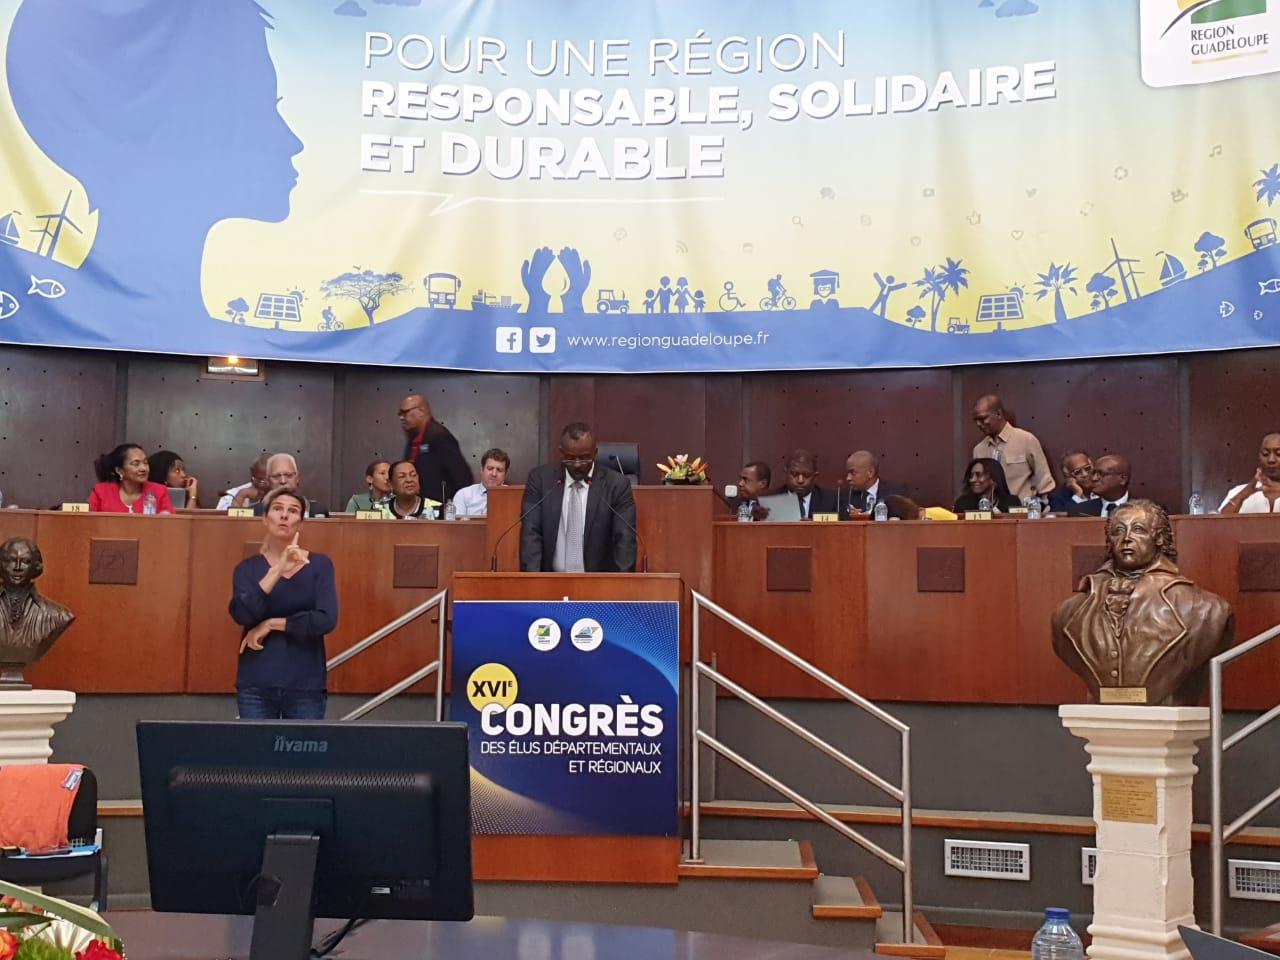 Congrès des élus : Ary Chalus et Josette Borel-Lincertin ont pris la parole